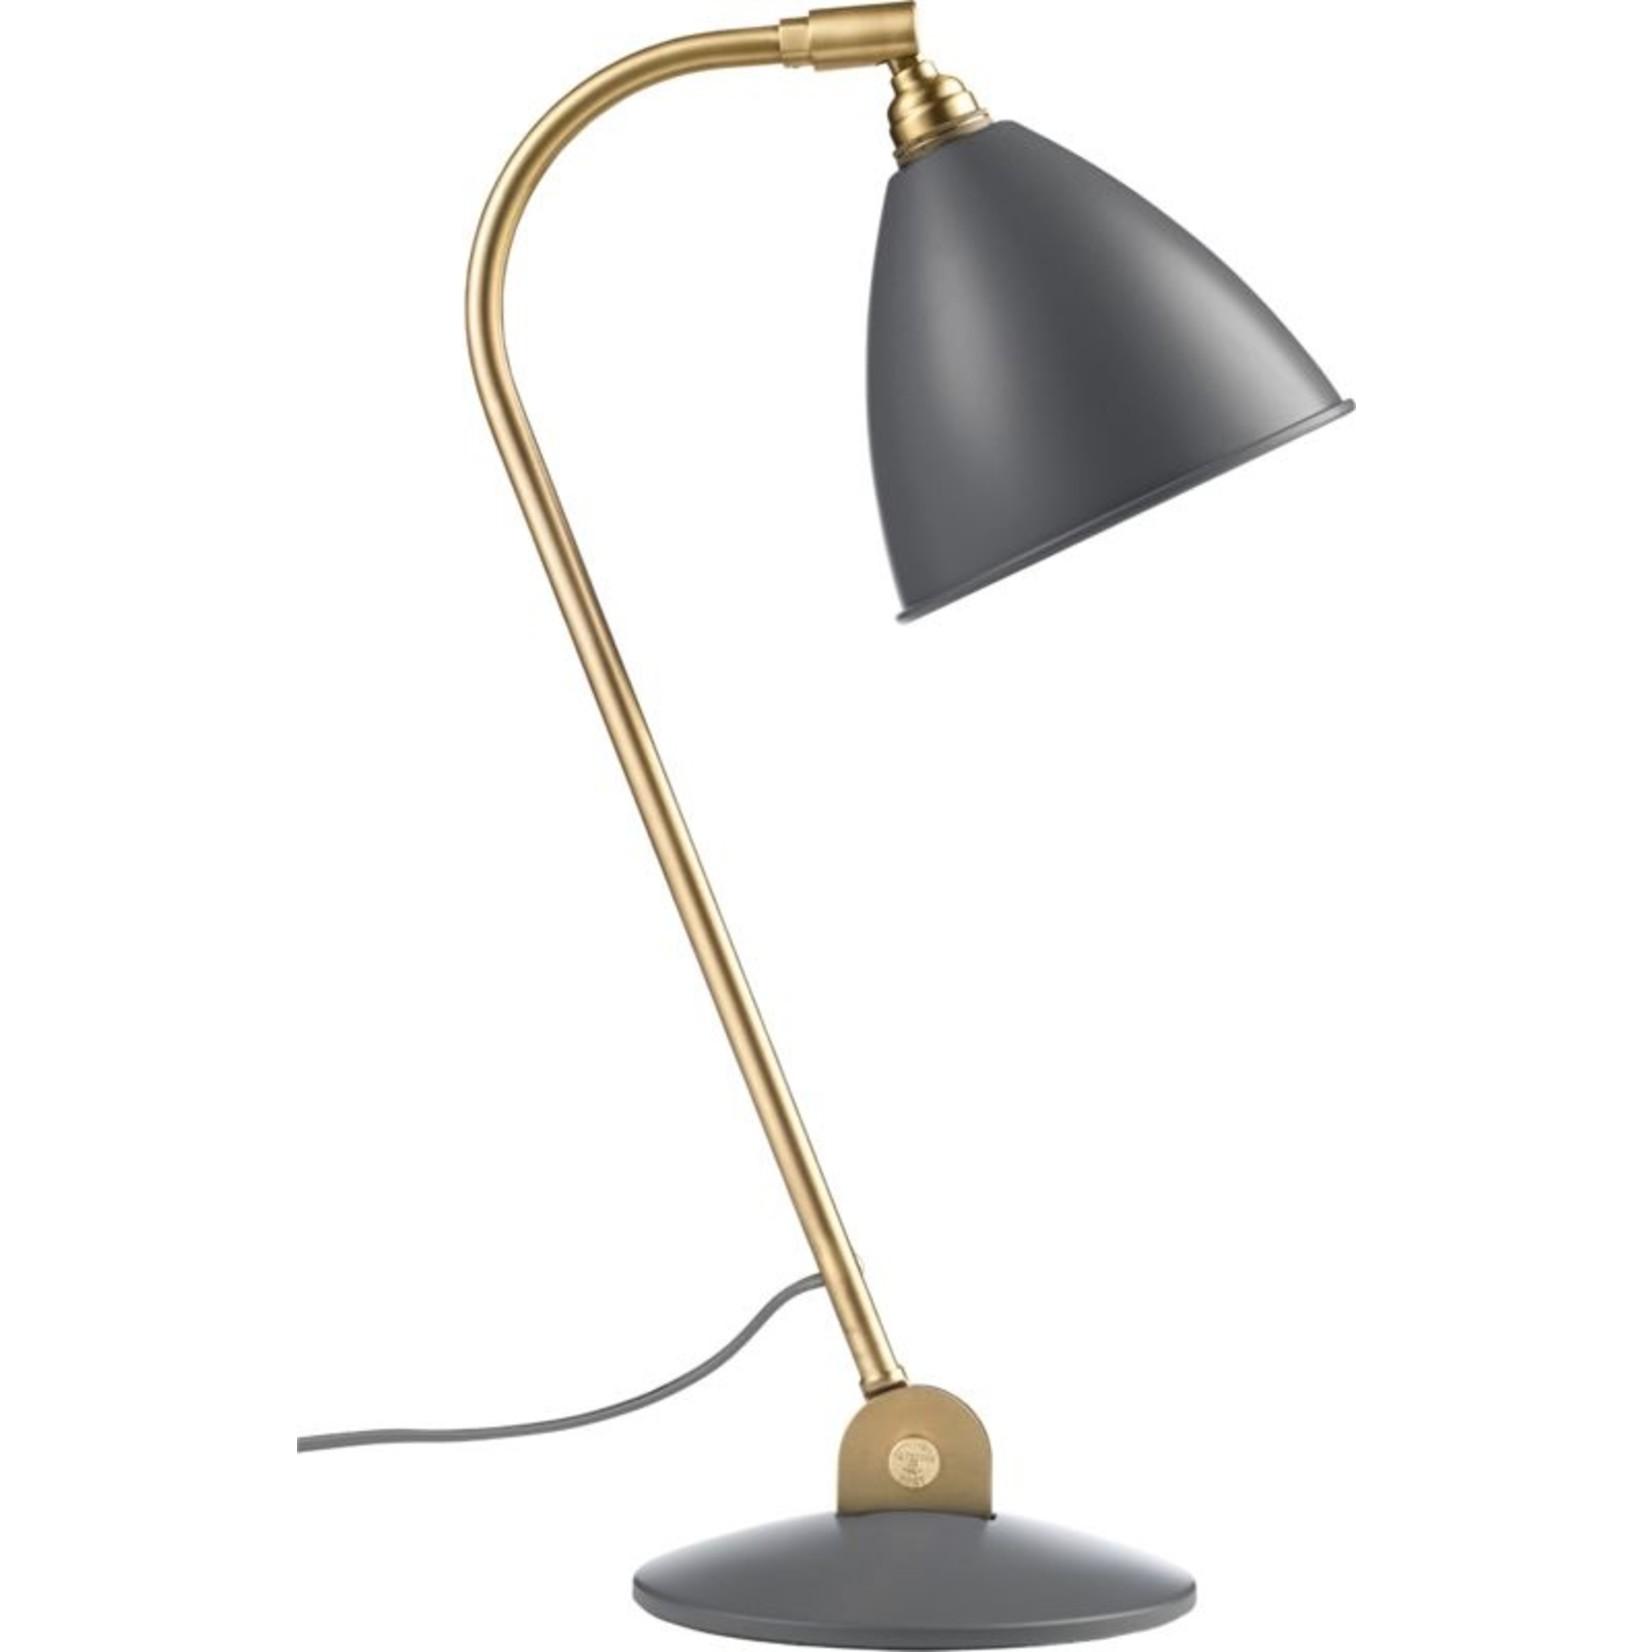 Gubi BL2 Table Lamp - Ø16 | Brass Base & Grey Semi Matt Shade